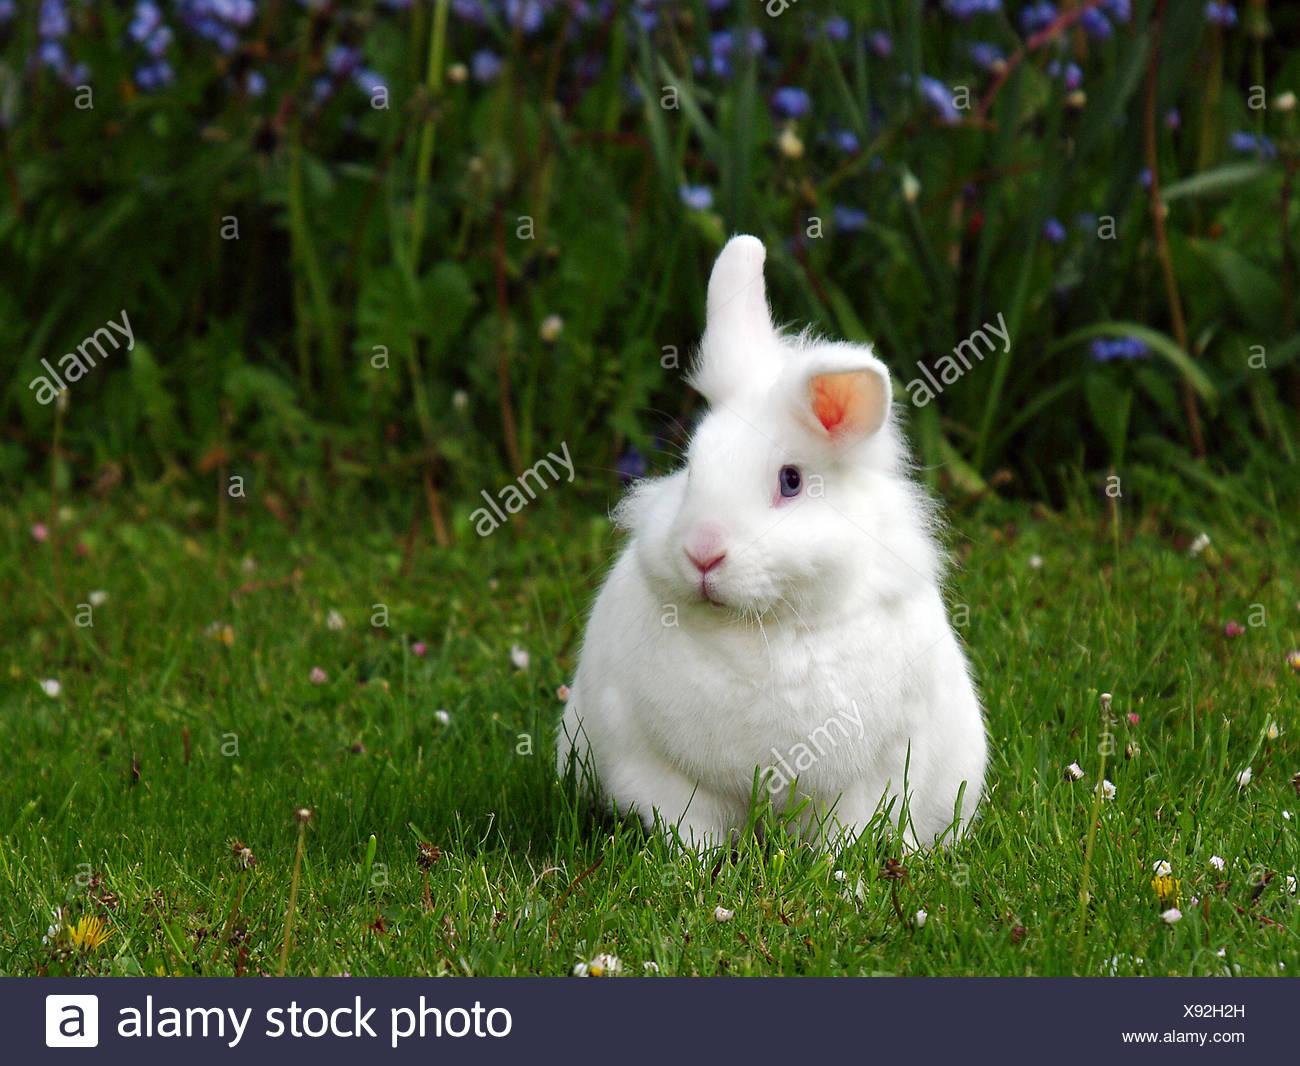 Haustier Nagetier Kaninchen Hase Osterhase Kleine Tiere Wiese Grüne